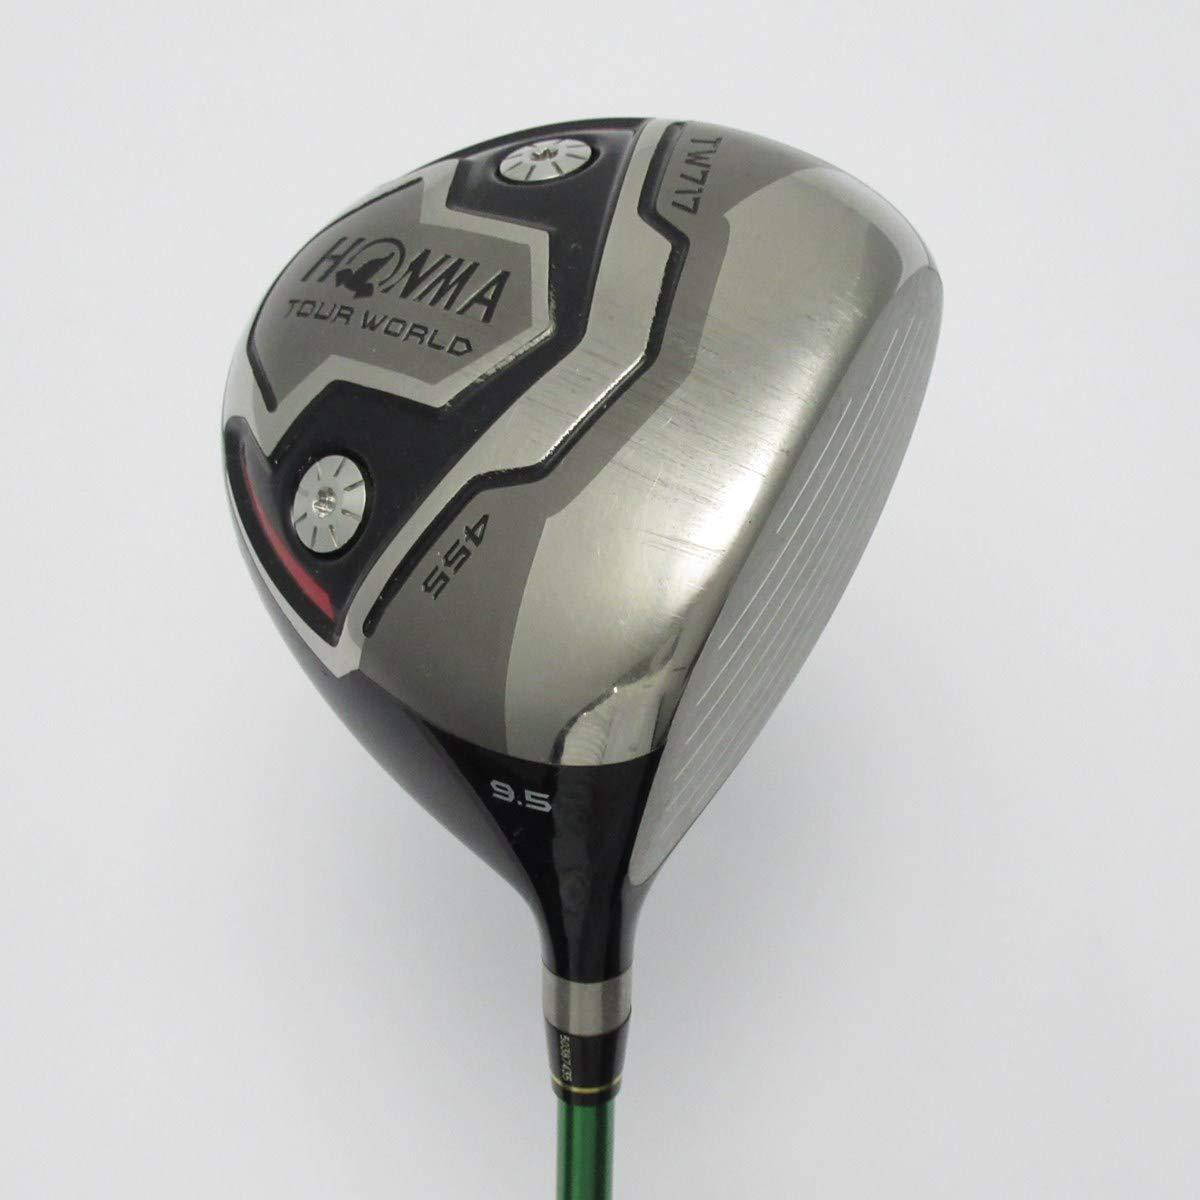 【中古】本間ゴルフ TOUR WORLD ツアーワールド TW717 455 ドライバー VIZARD TA75 S  B07P9Q386N